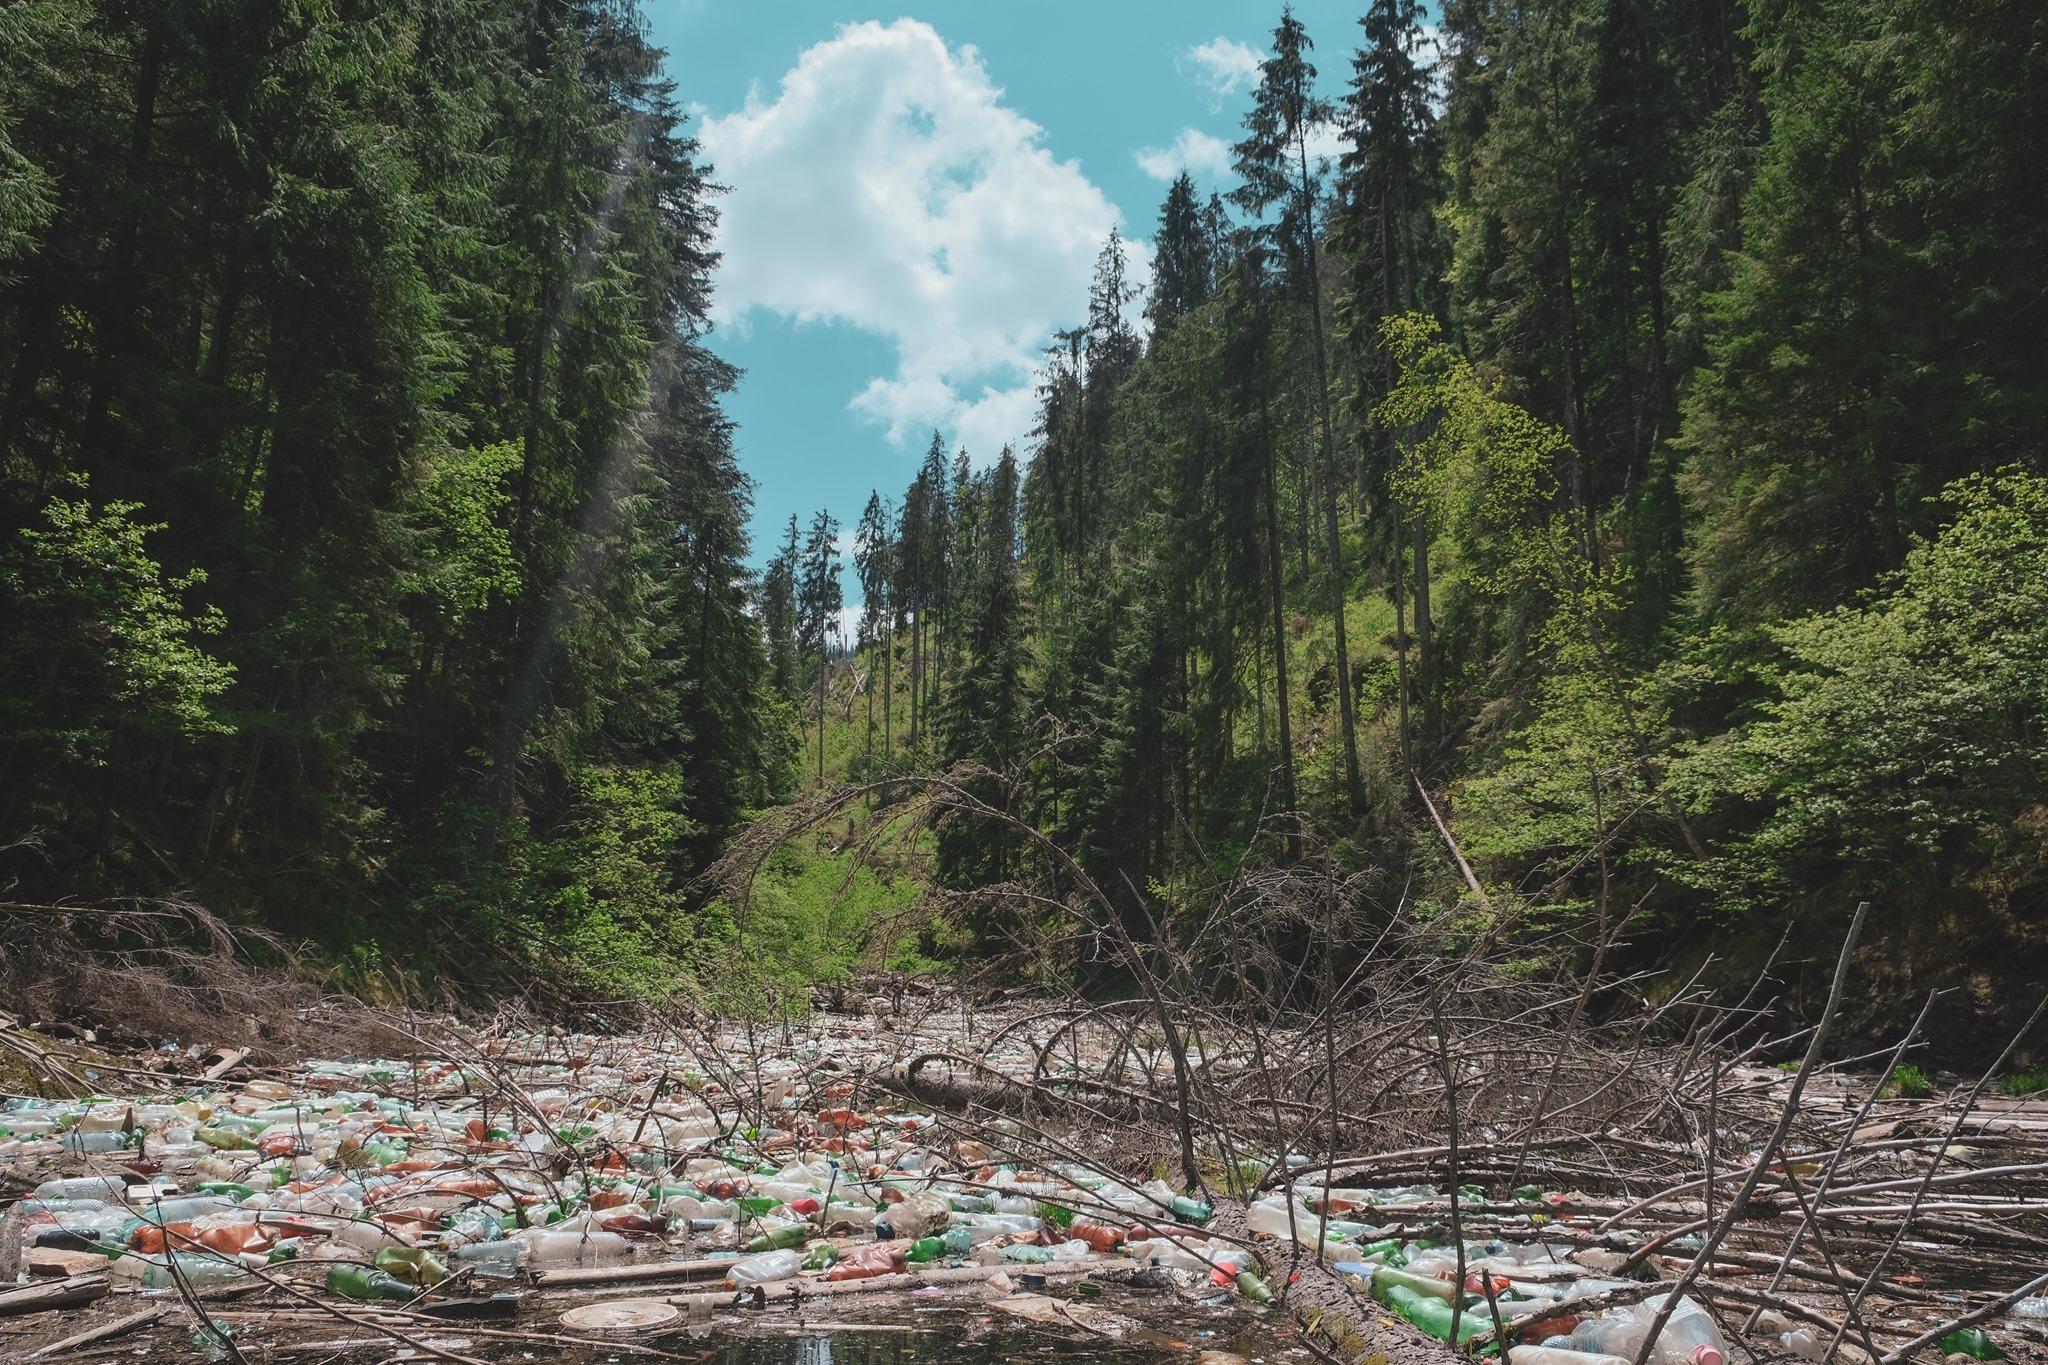 Cum s-a ajuns la marea de gunoaie de pe lacul Belis. Berceanu: Primariile permit oamenilor sa le arunce in spatele curtii, unde e parau